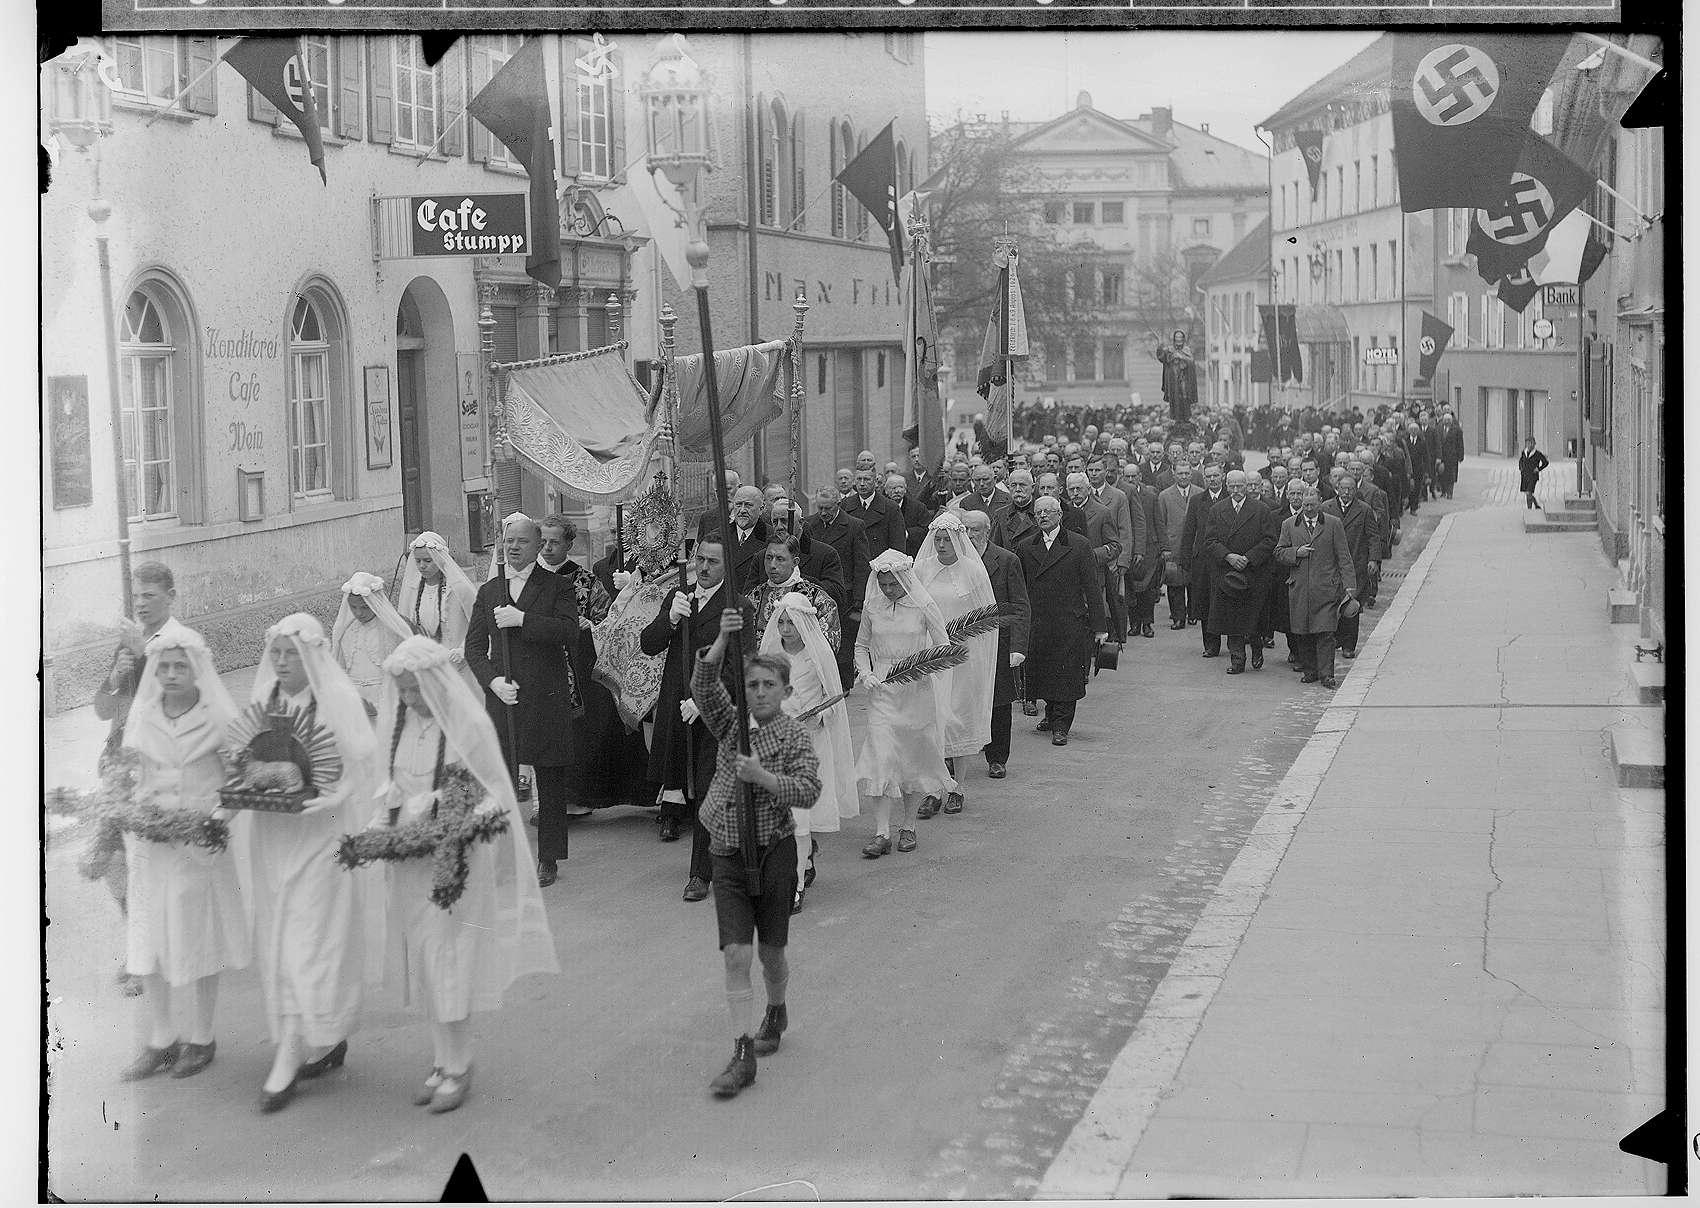 Fidelisfest in Sigmaringen 1936; Prozession in der Antonstraße, am linken Bildrand Cafe Stumpp, im Hintergrund Prinzenpalais; im Mittelpunkt Monstranz, Bild 1